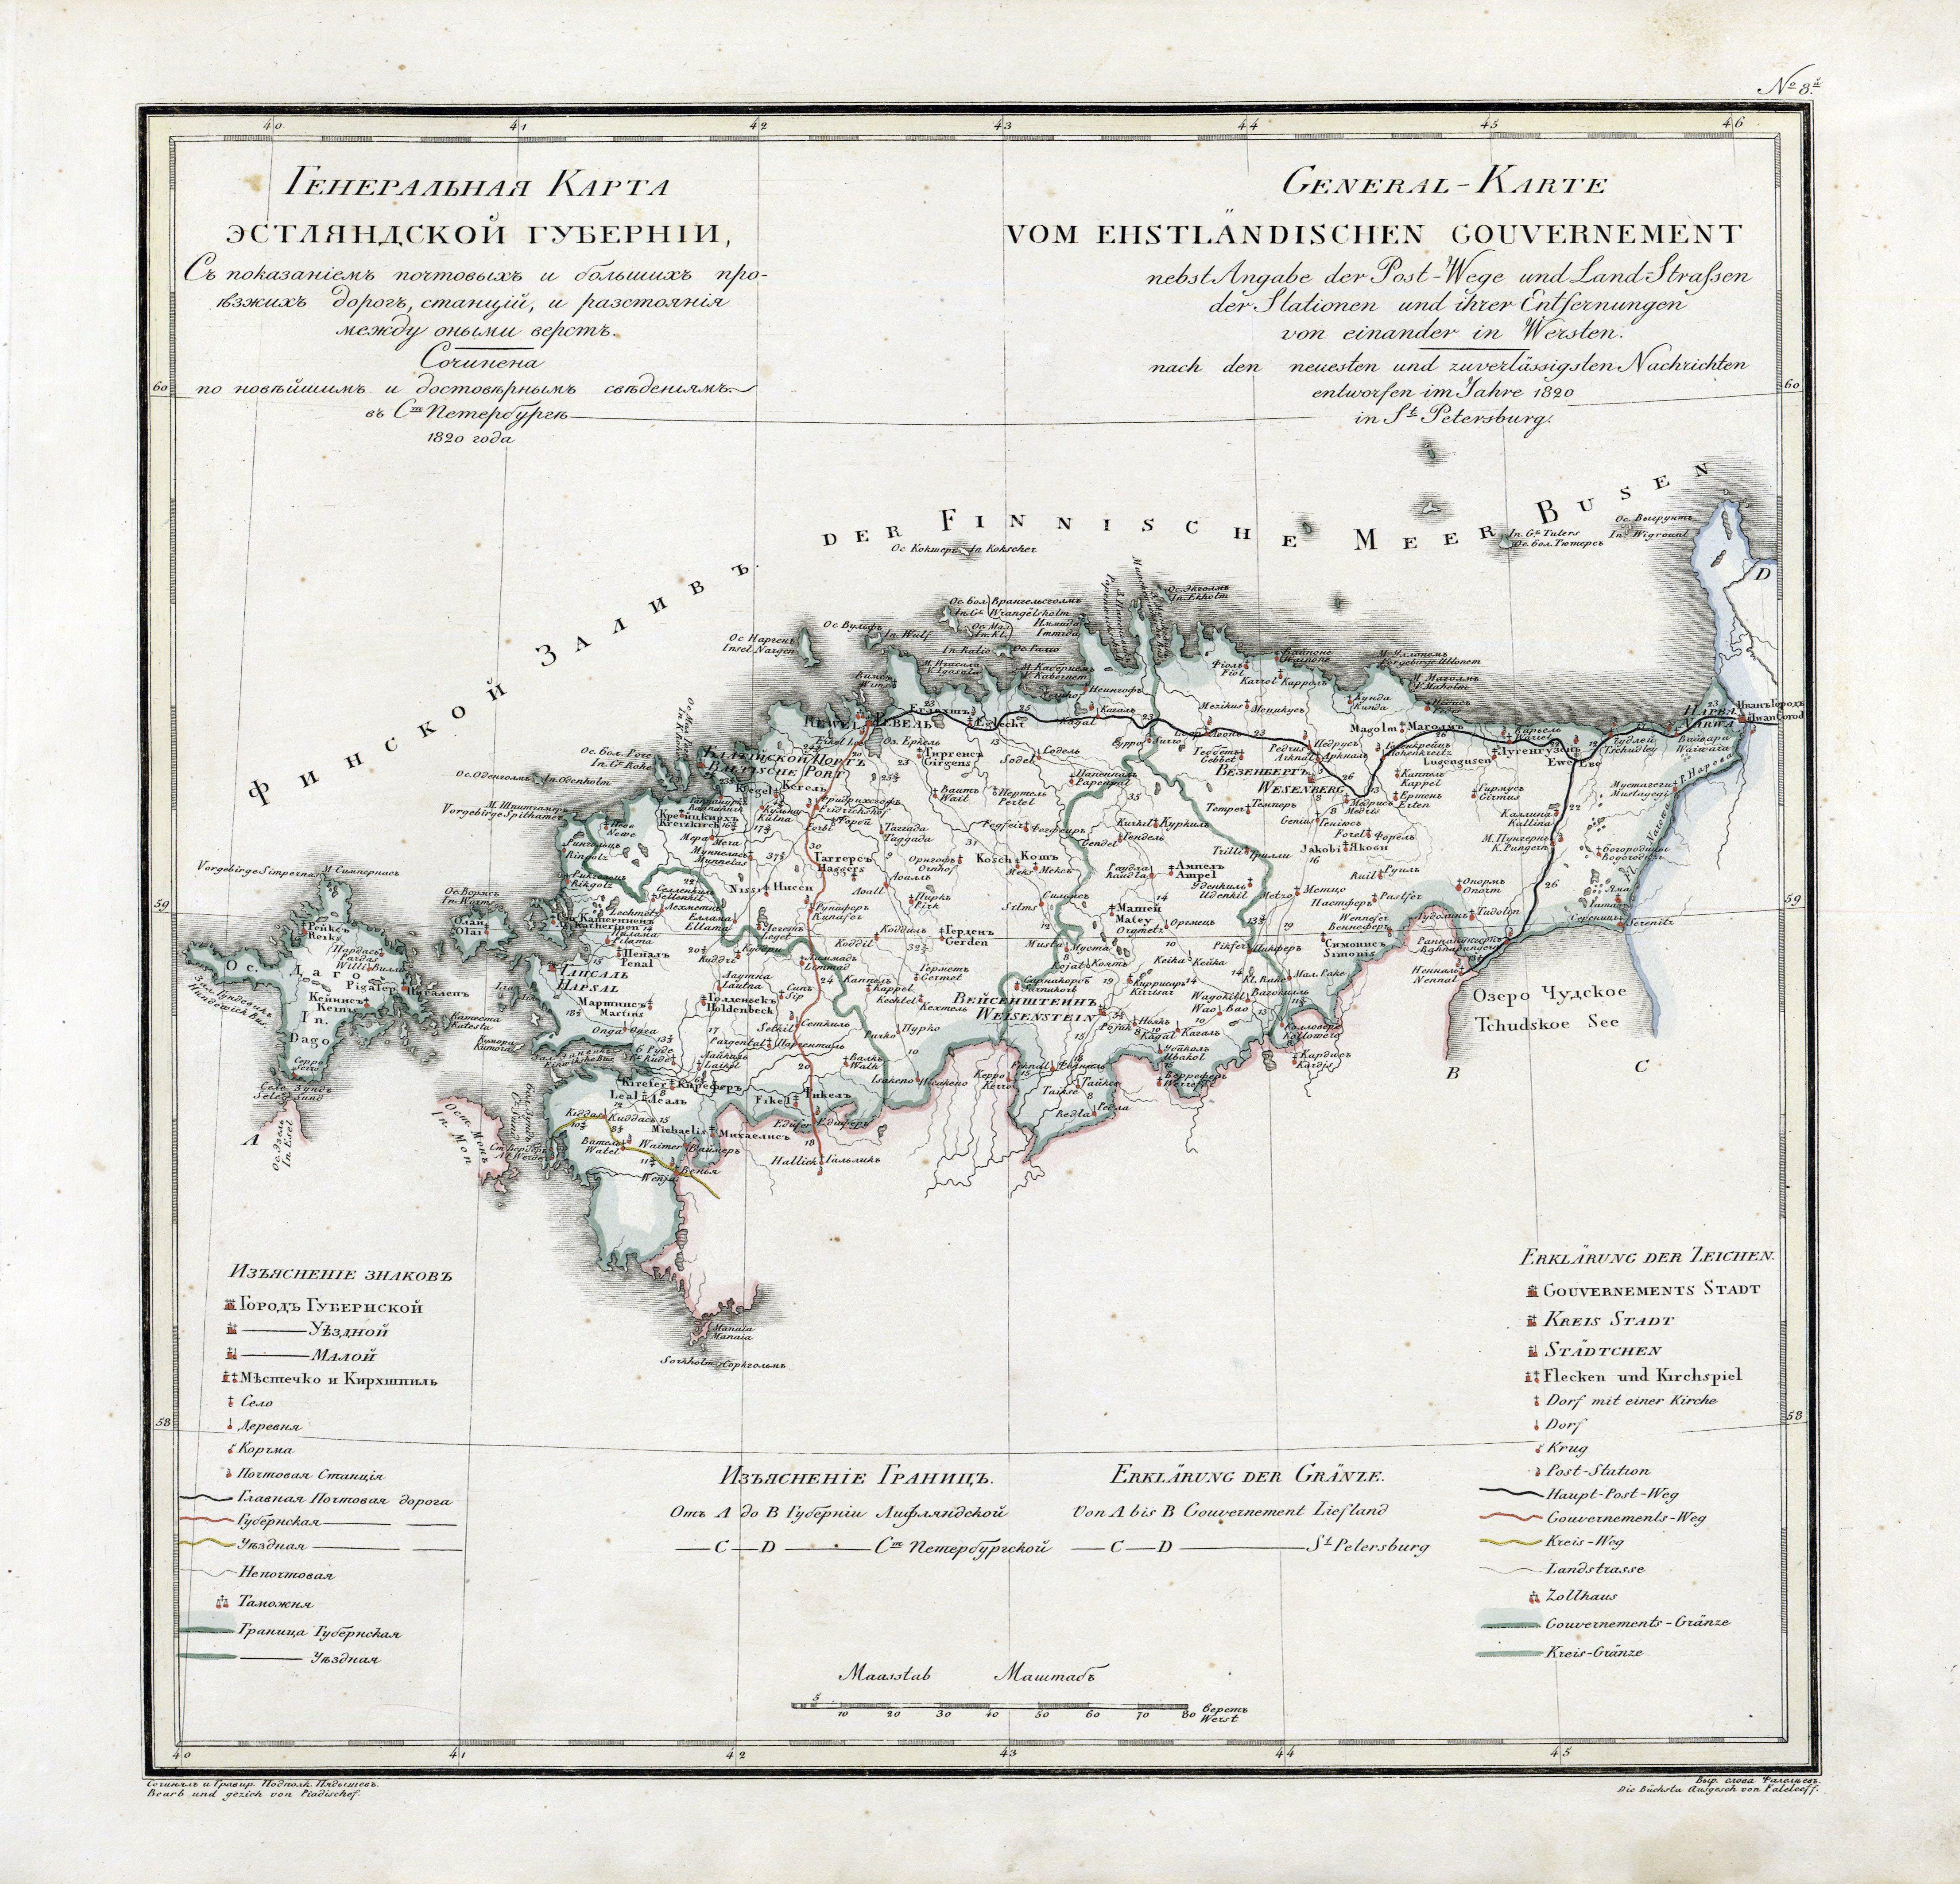 Karte des Gouvernements Estland